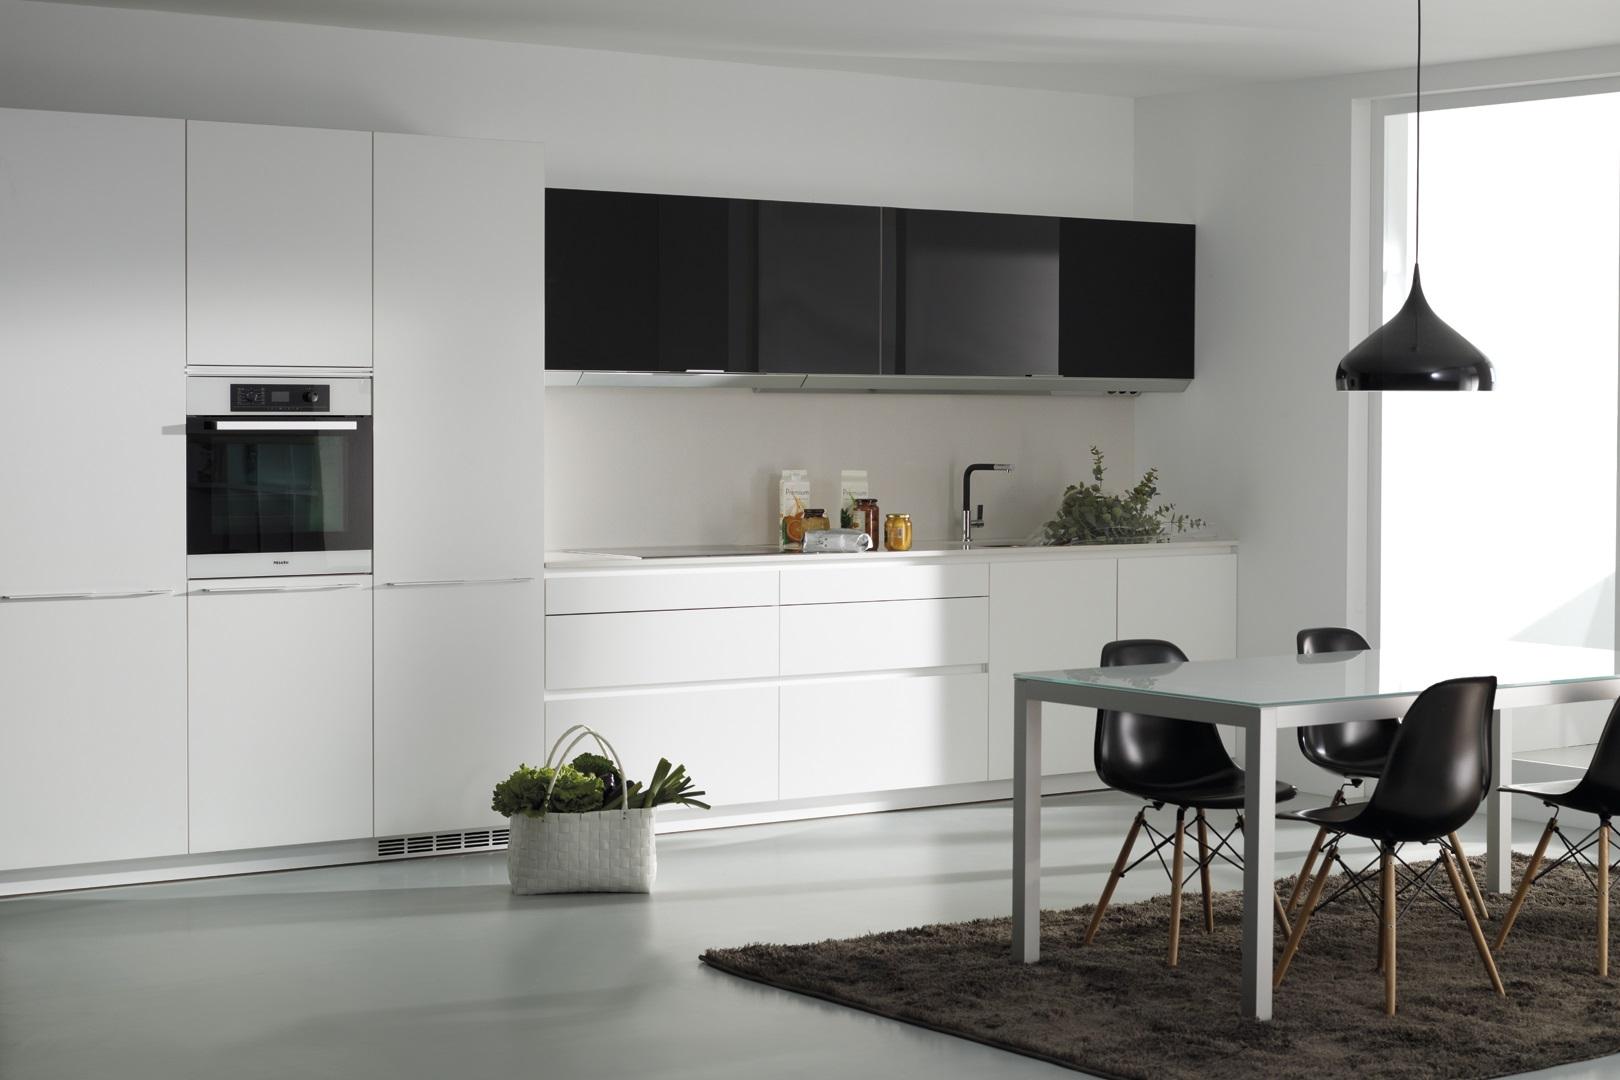 Cocina en blanco y negro Santiago Interiores